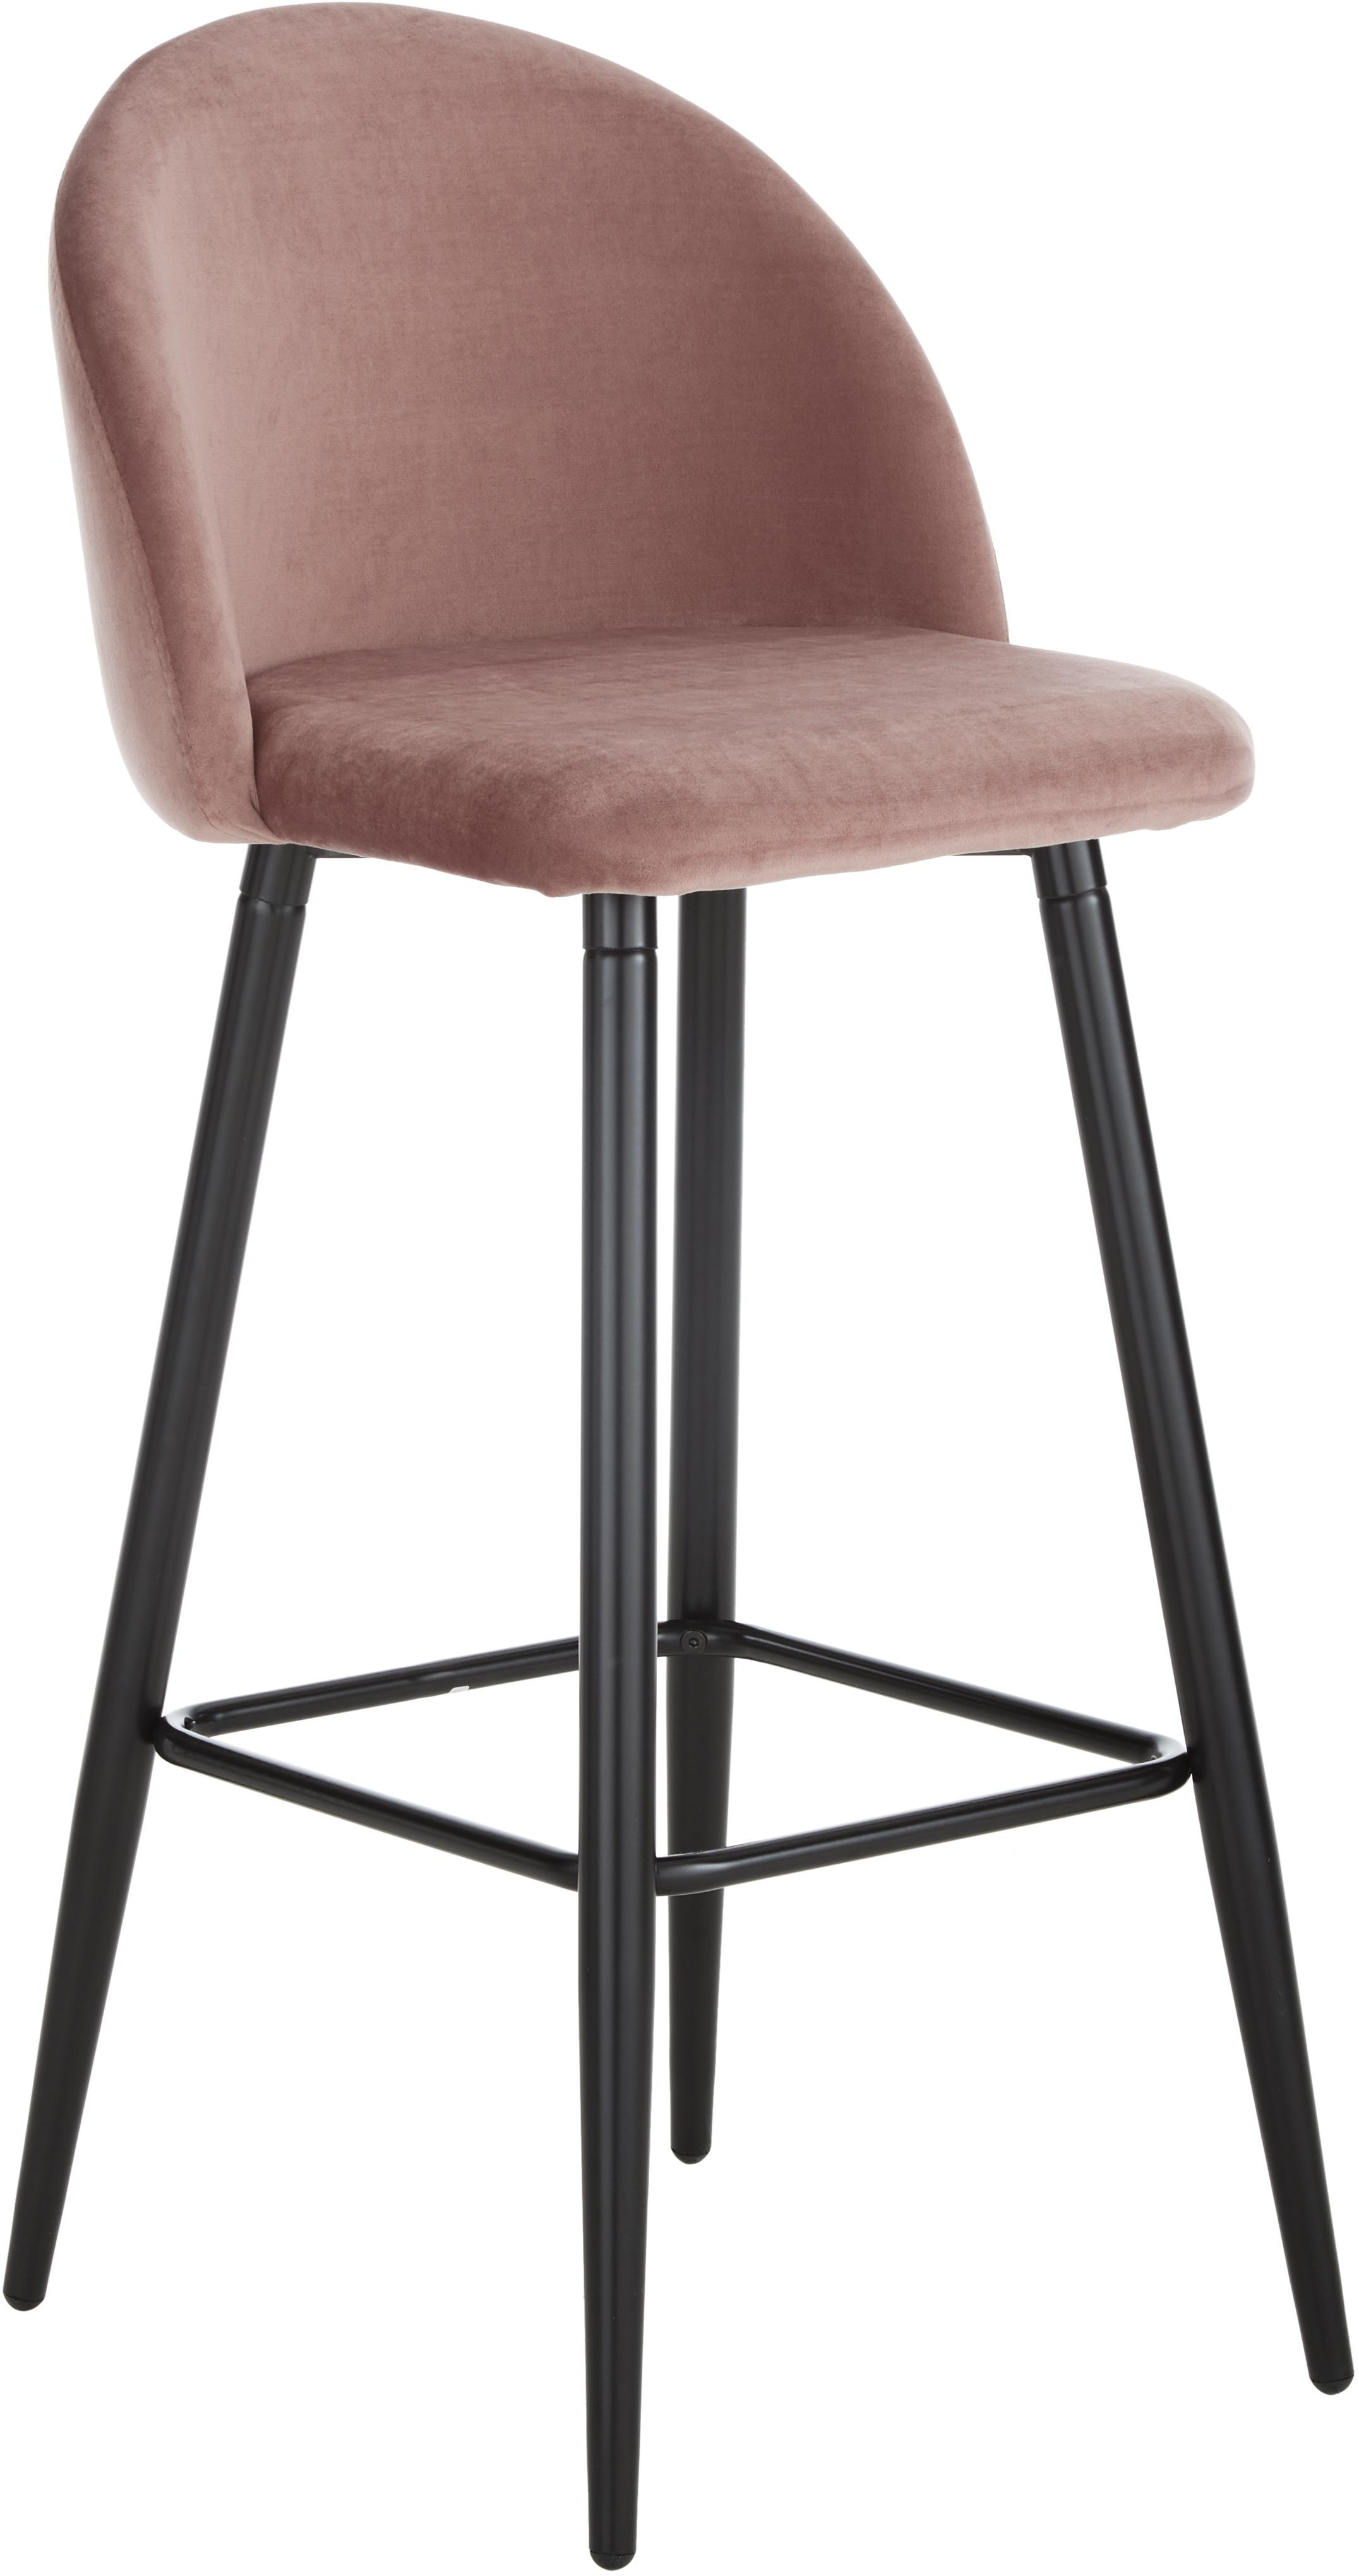 Krzesło barowe w kolorze blado różowym Amy z aksamitu, Tapicerka: aksamit (poliester) Tkani, Nogi: metal malowany proszkowo, Tapicerka: różowy Nogi: czarny, matowy, S 45 x W 103 cm